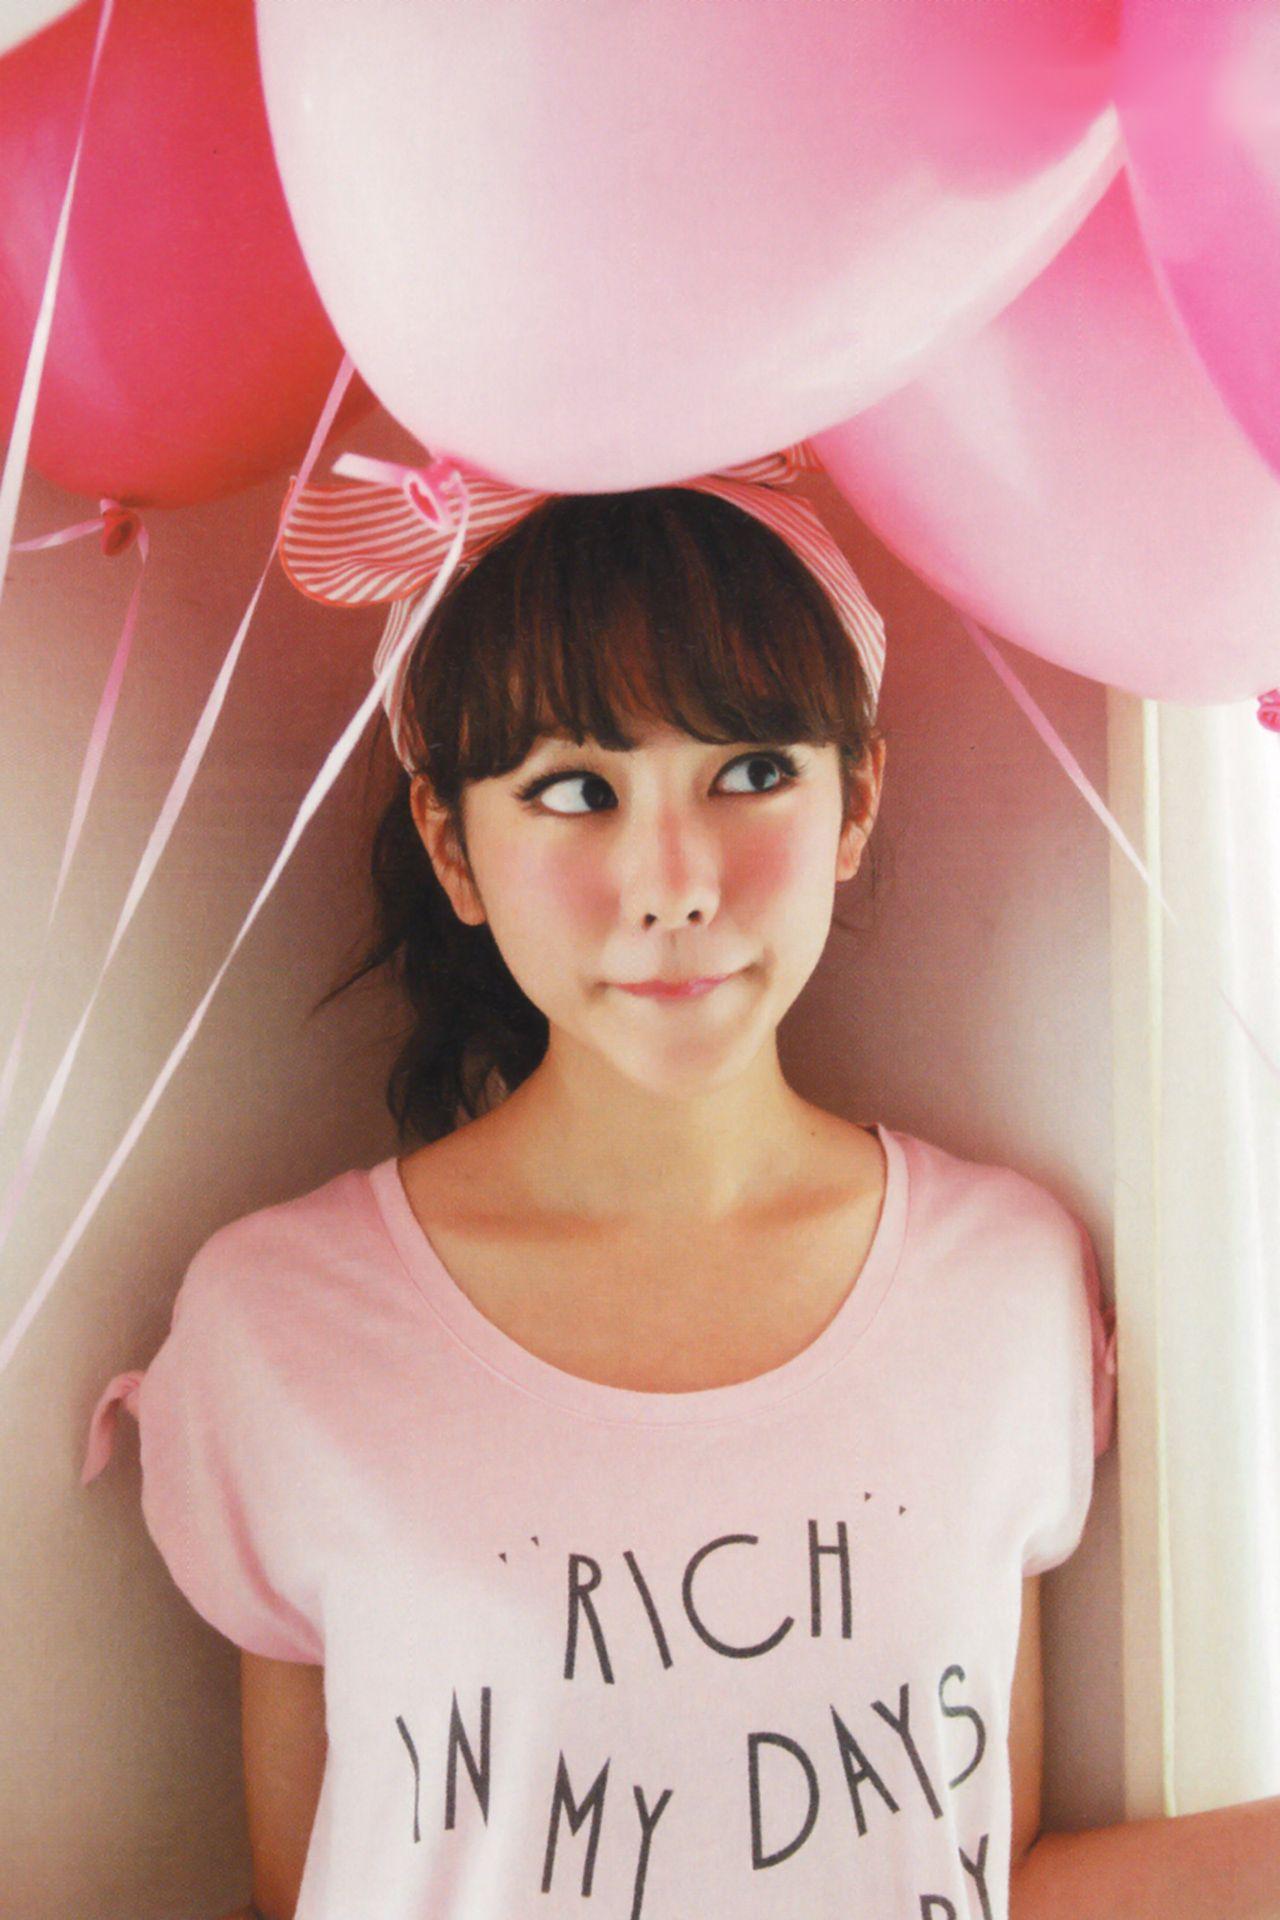 桐谷美玲 (Mirei Kiritani) | wm.【2019】 | Cute girls、Beauty women、Women